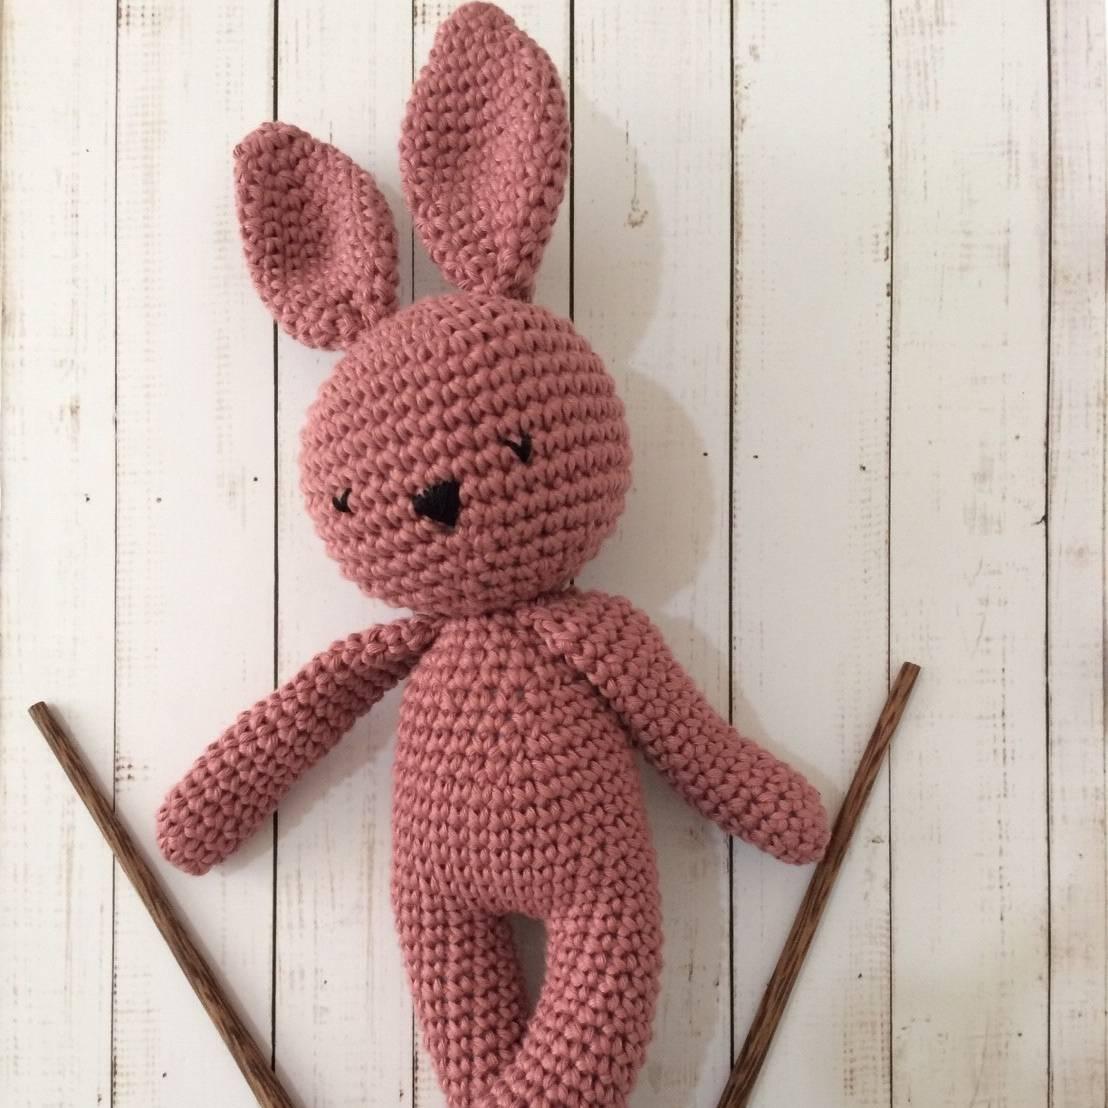 Boneka Amigurami Rabbit1